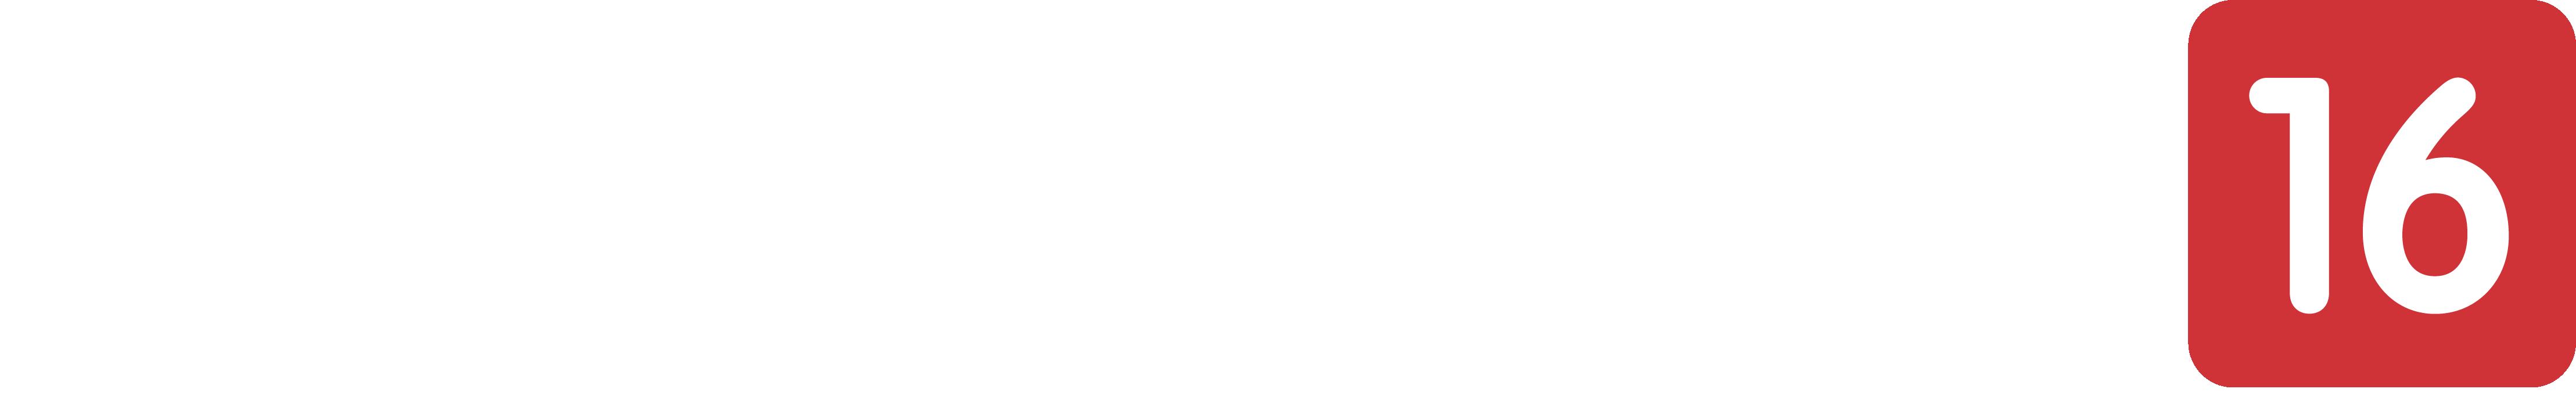 Stata Release 9: More statistics